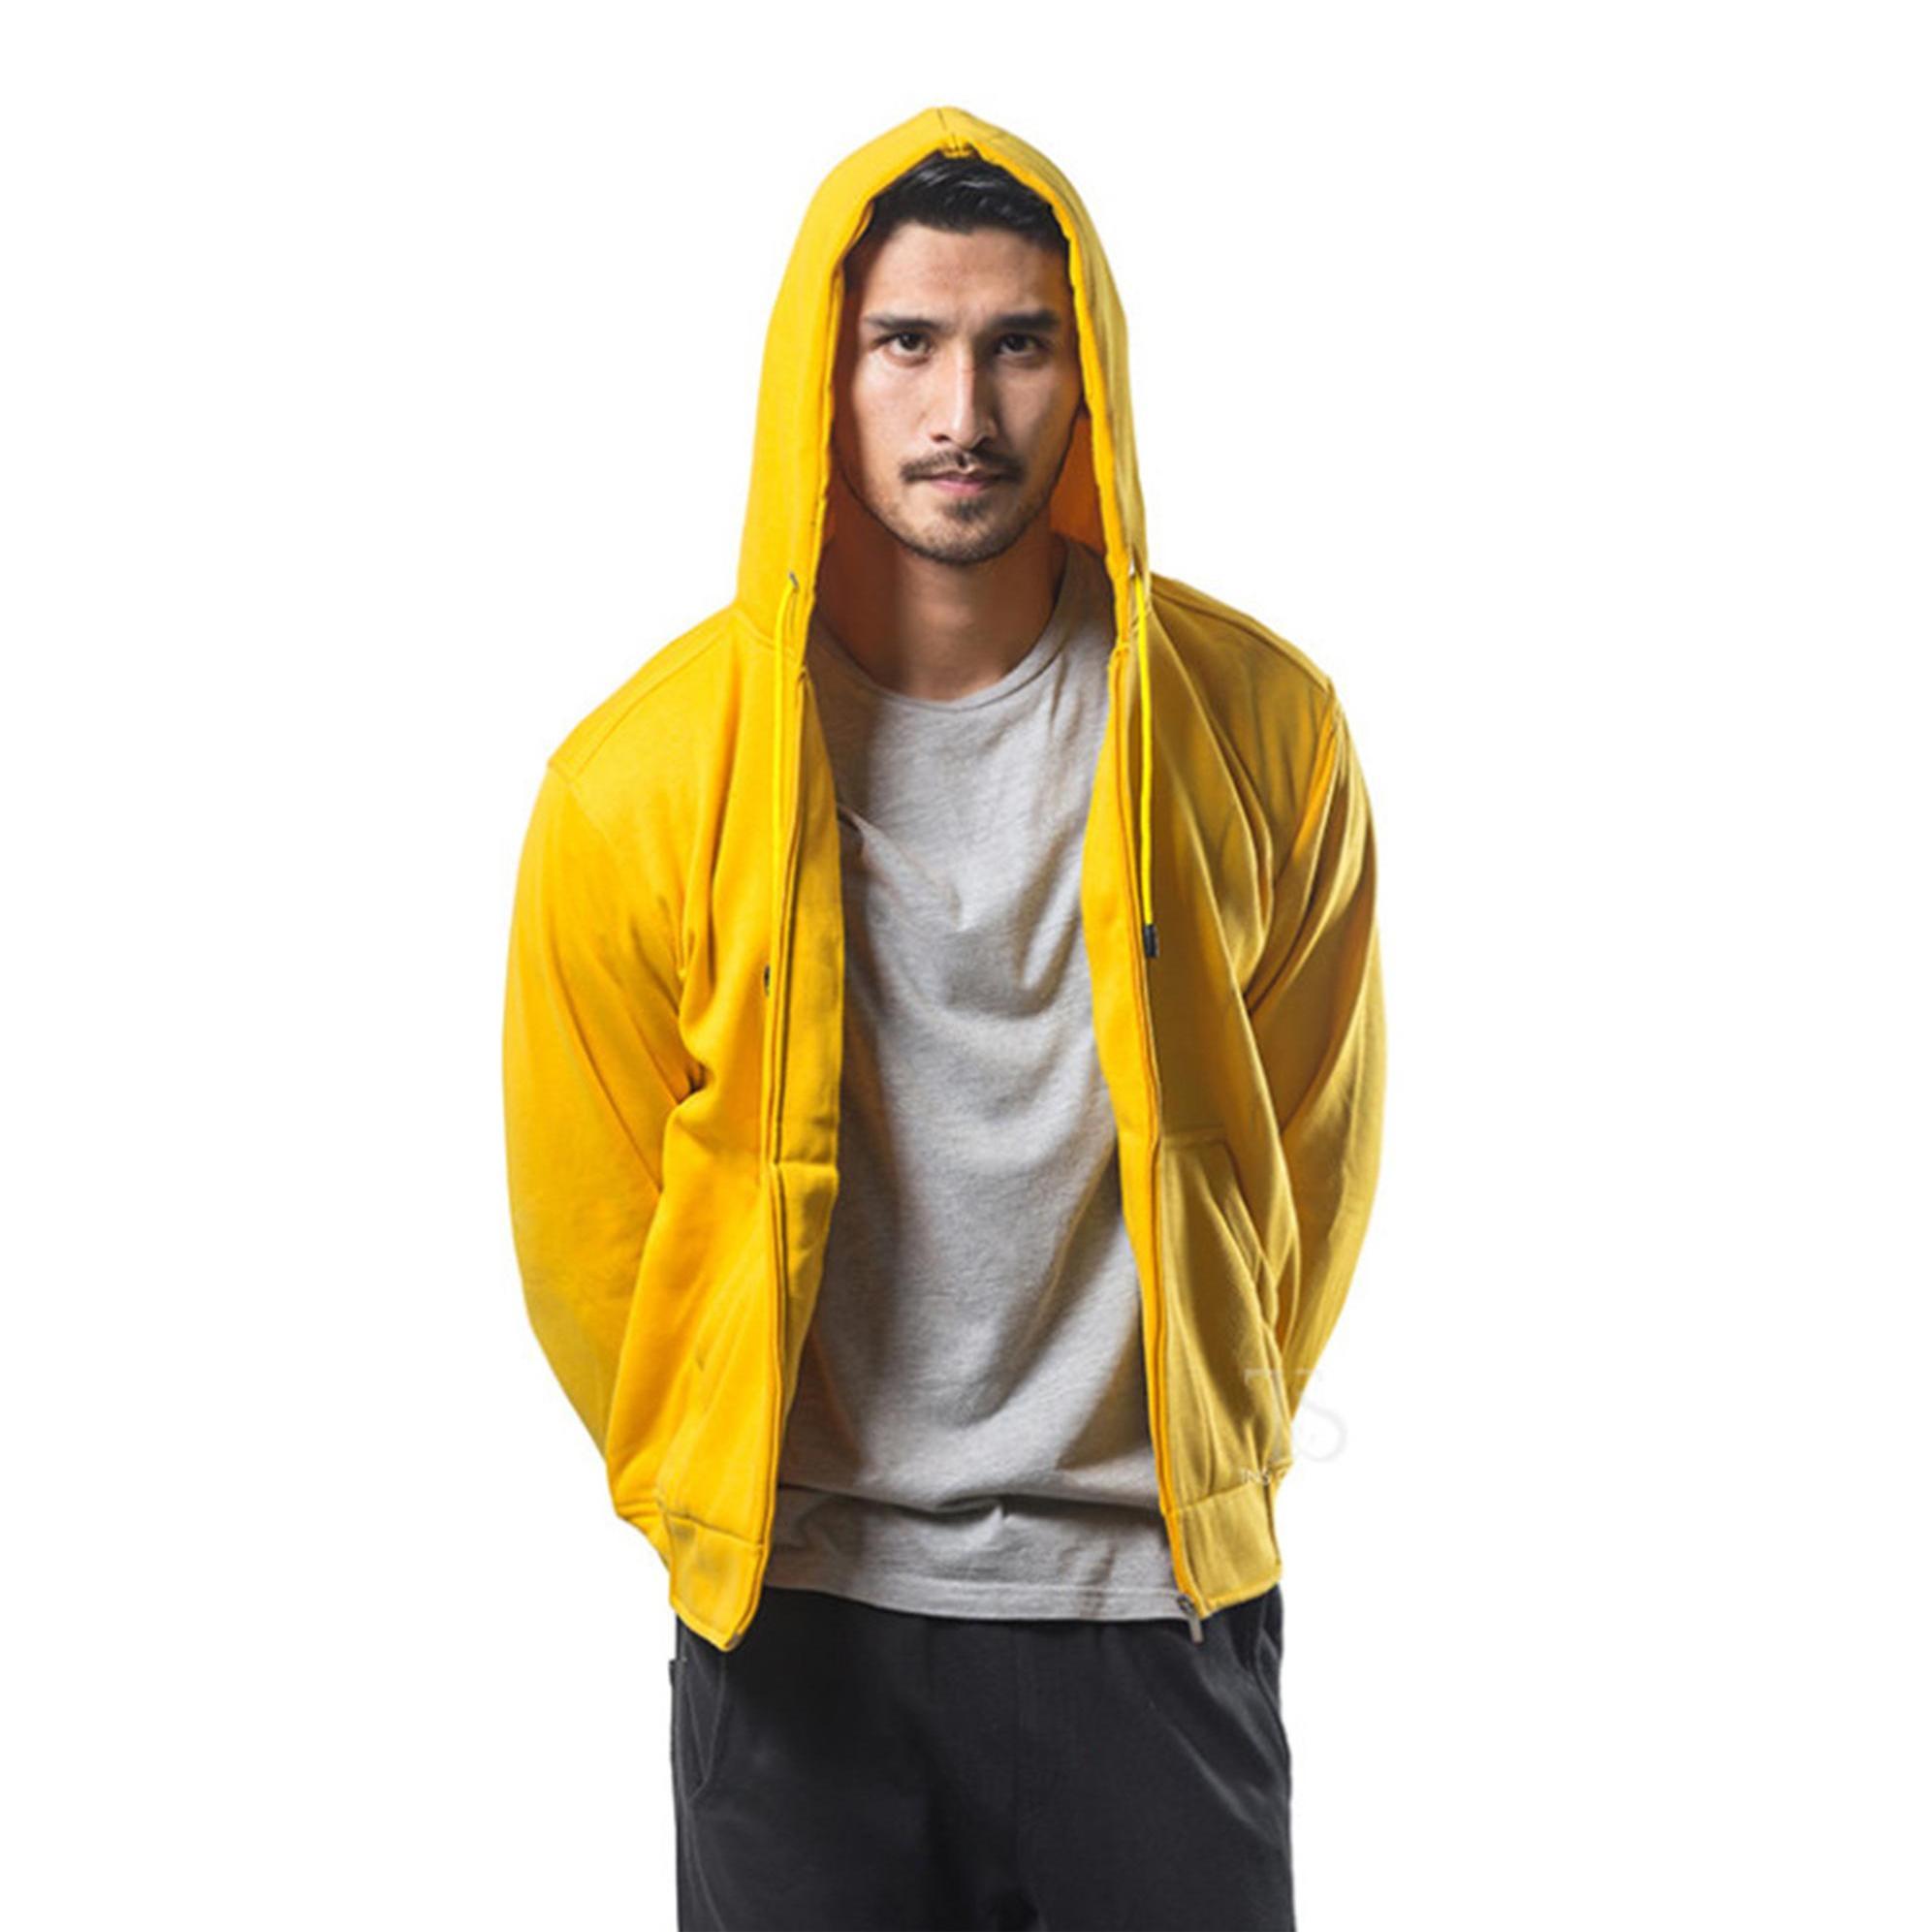 Bajukitaindonesia Jaket Hoodie Zipper Polos KUNING - Pria dan WanitaRp89.000